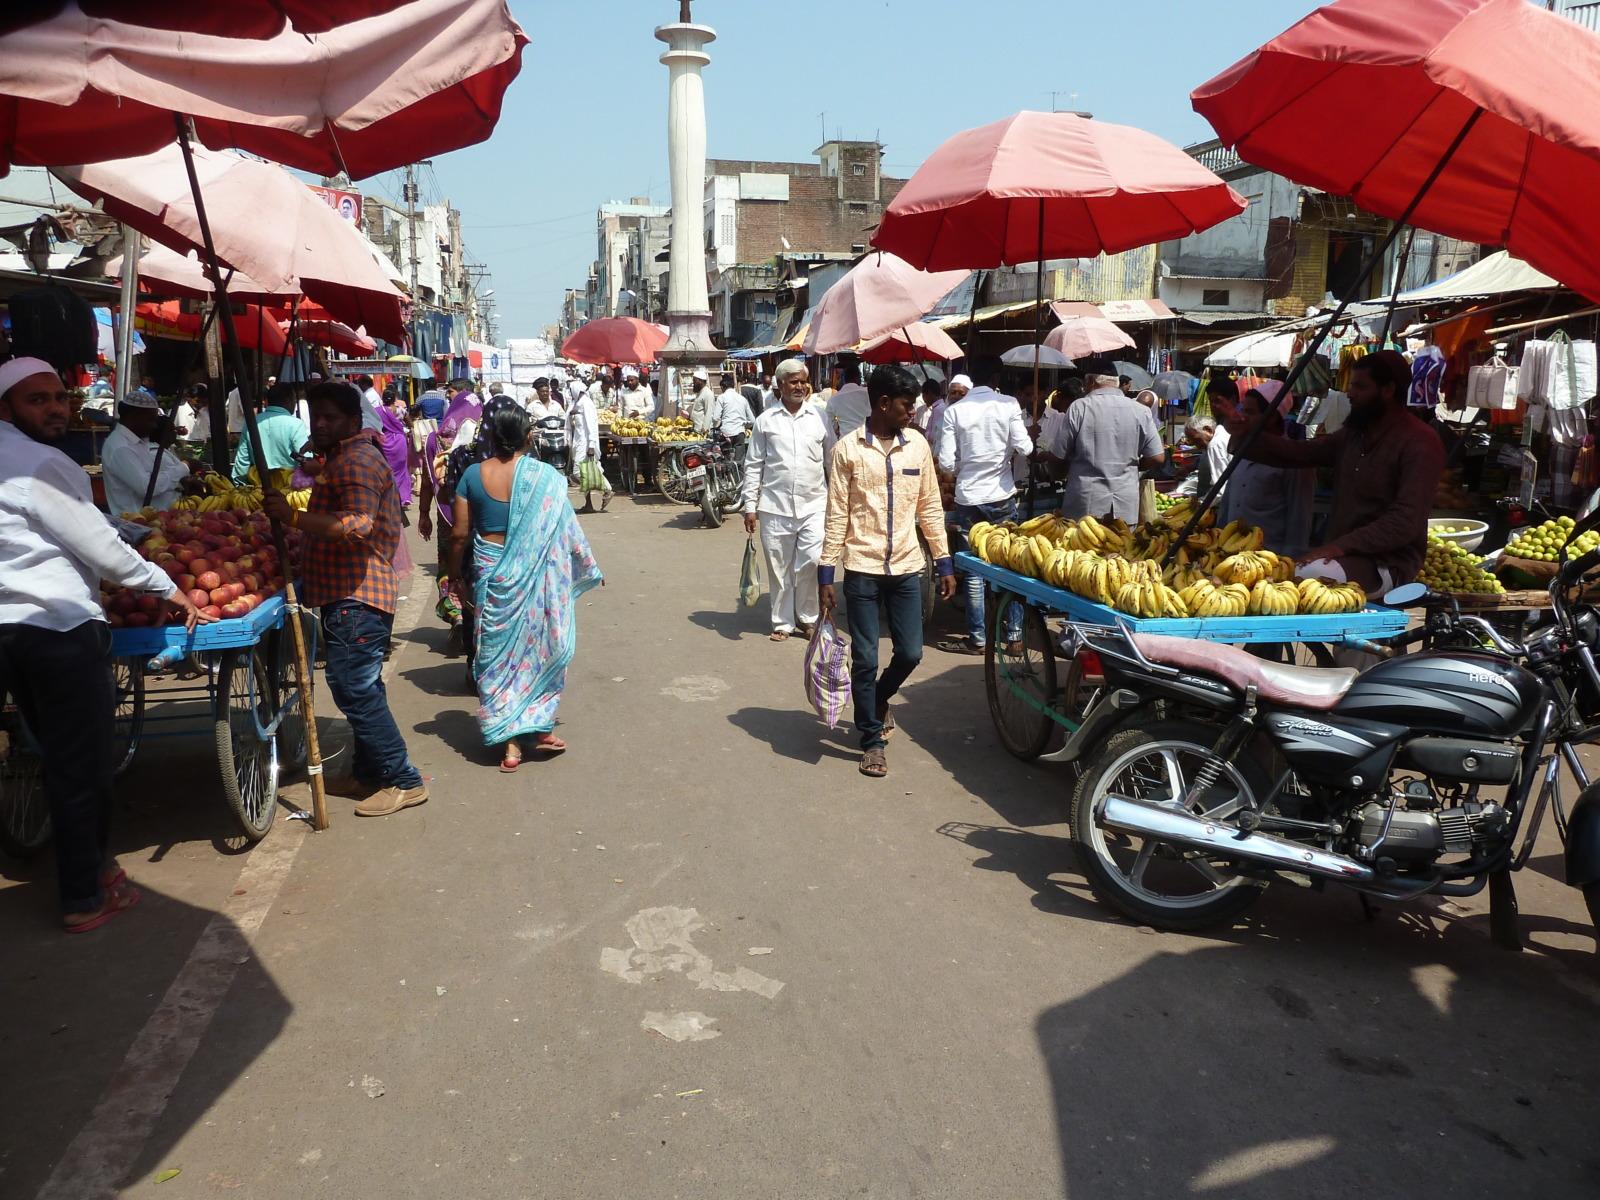 Market in Dhule.